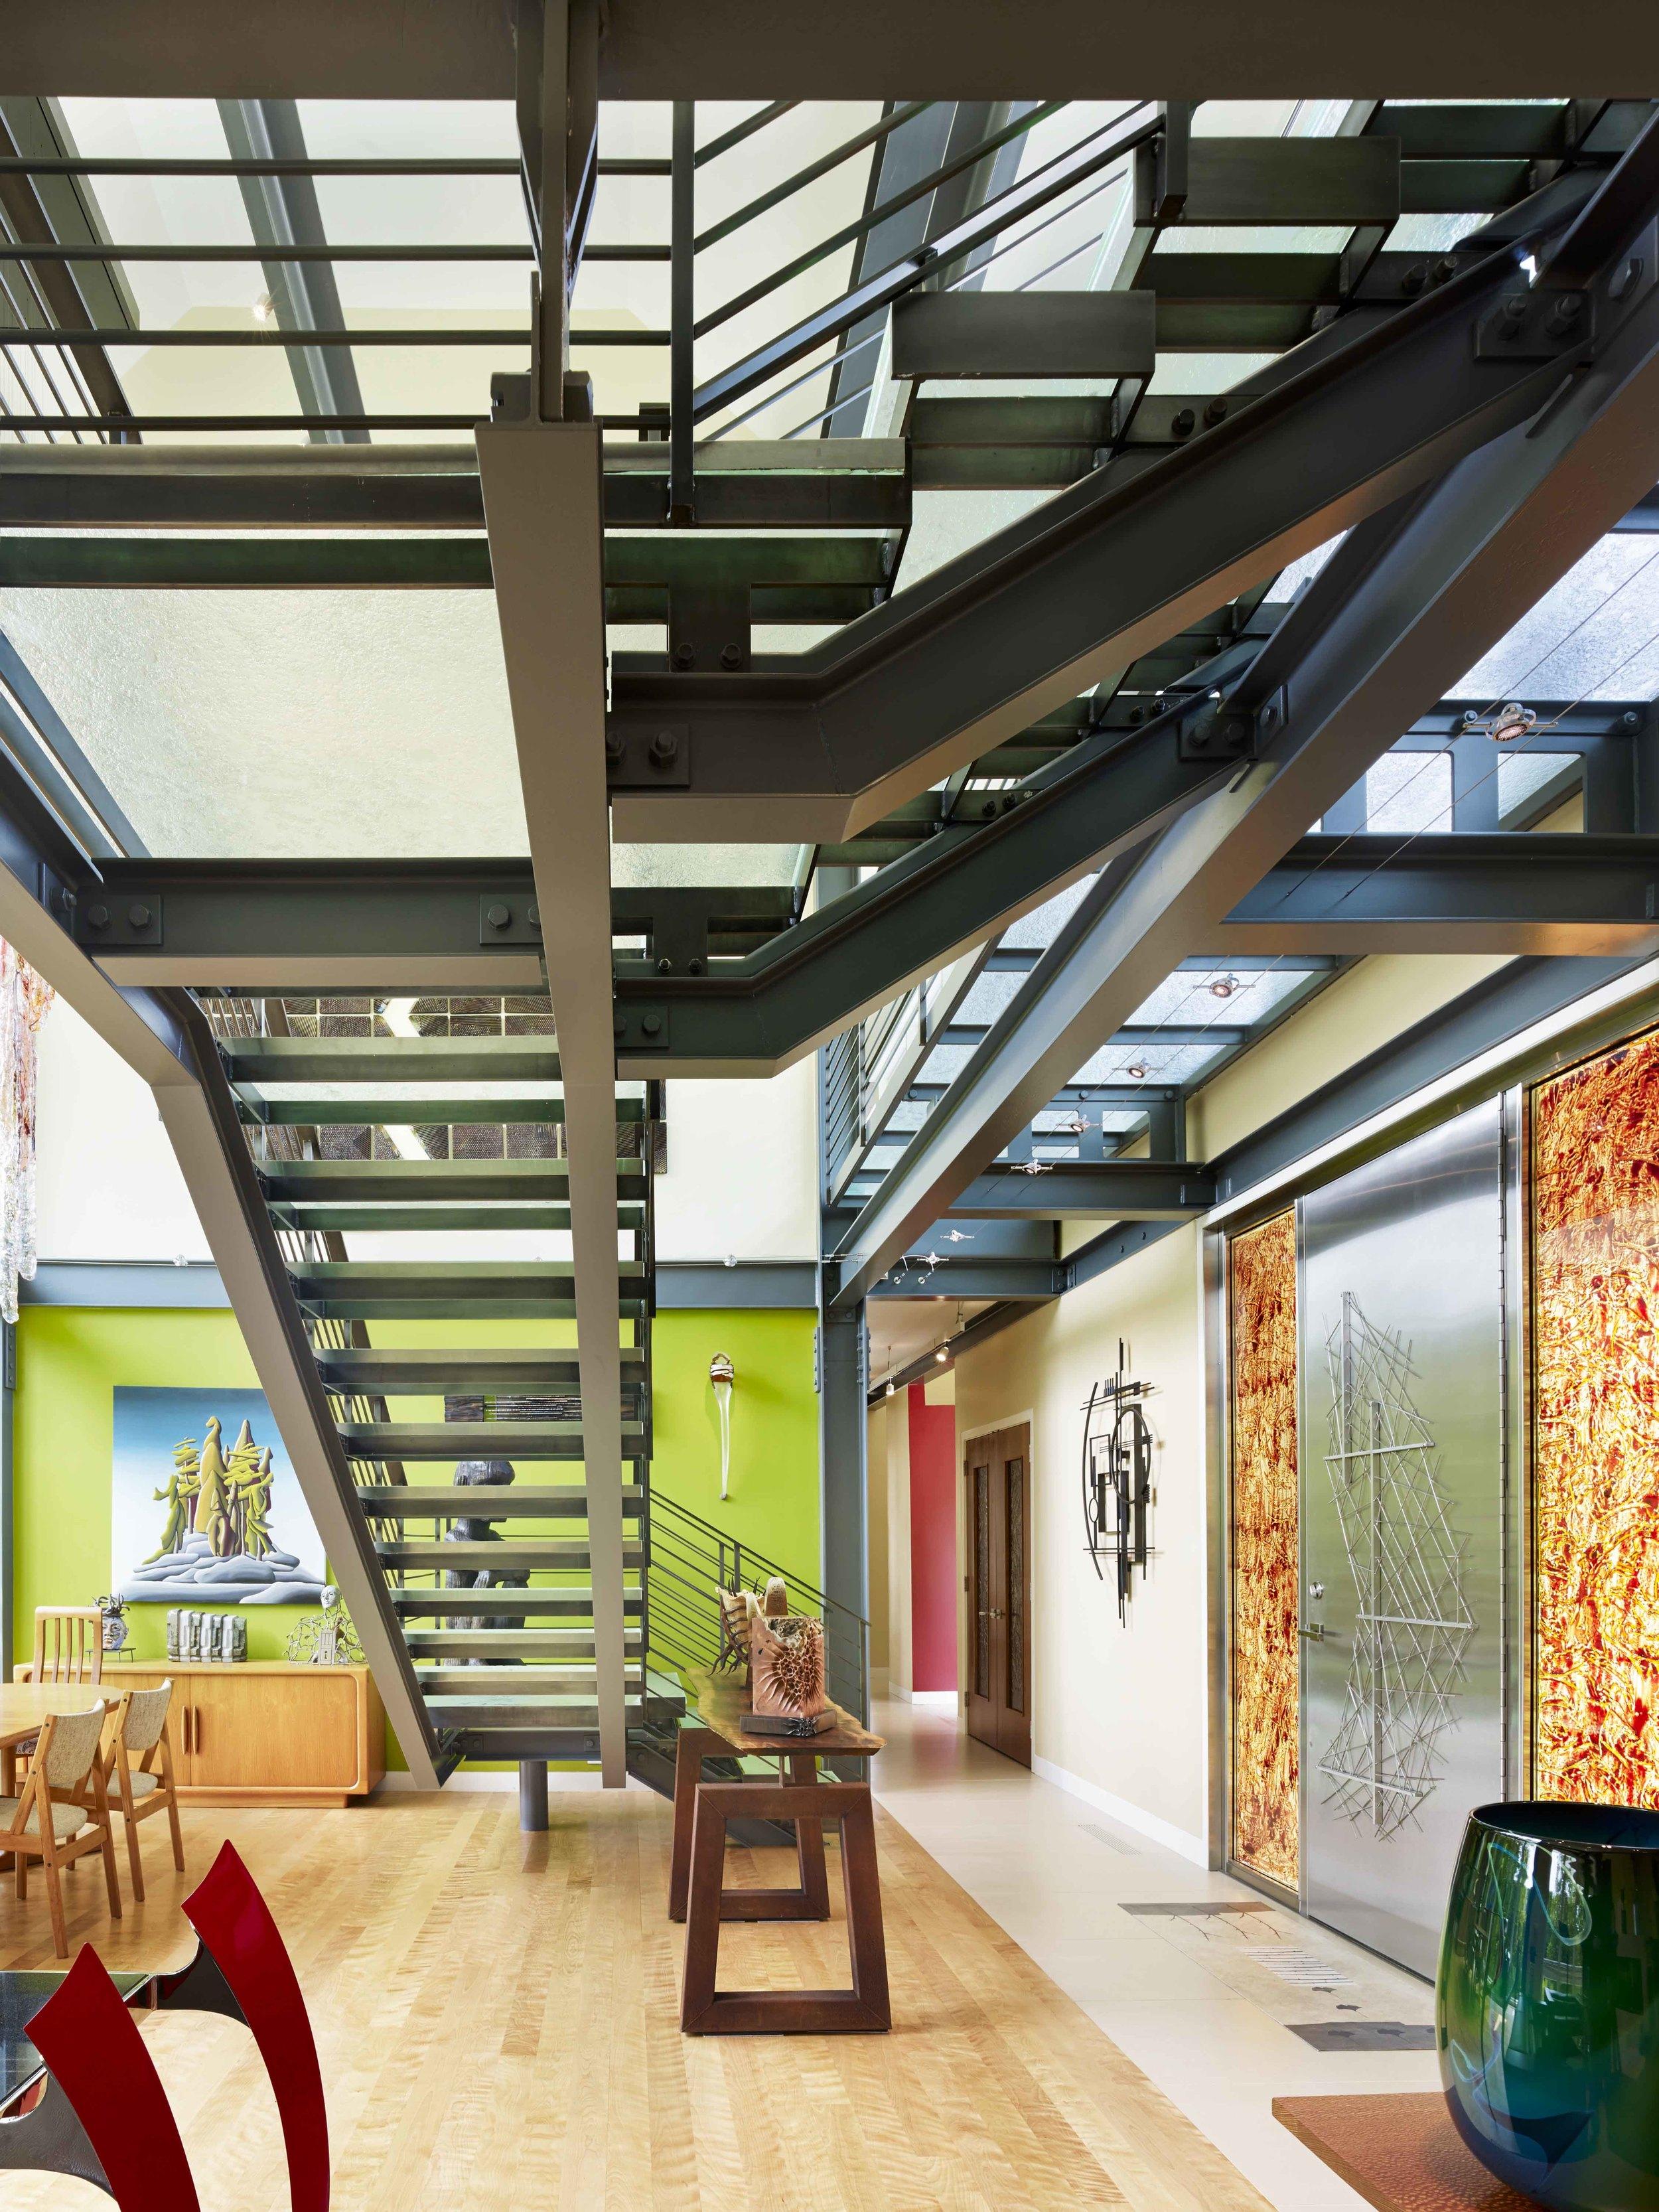 Buchi stair underside.jpg